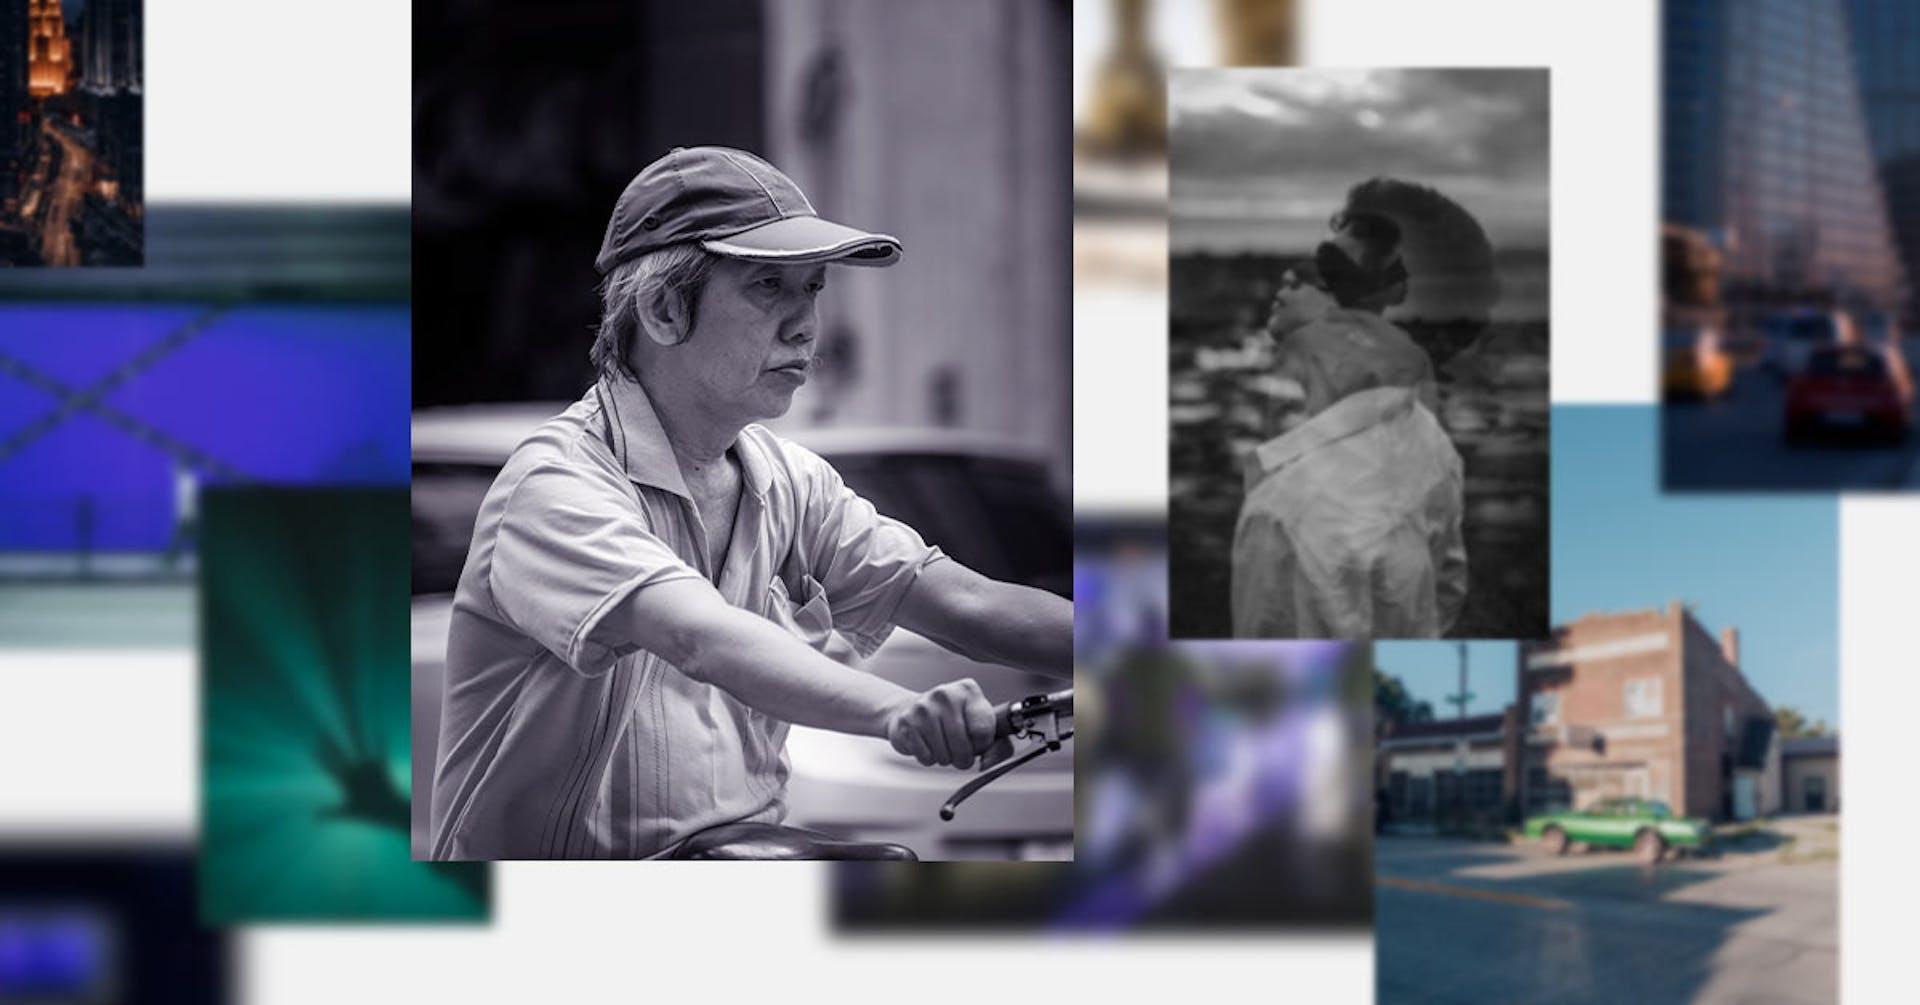 O poder da fotografia documental e sua paixão por contar histórias